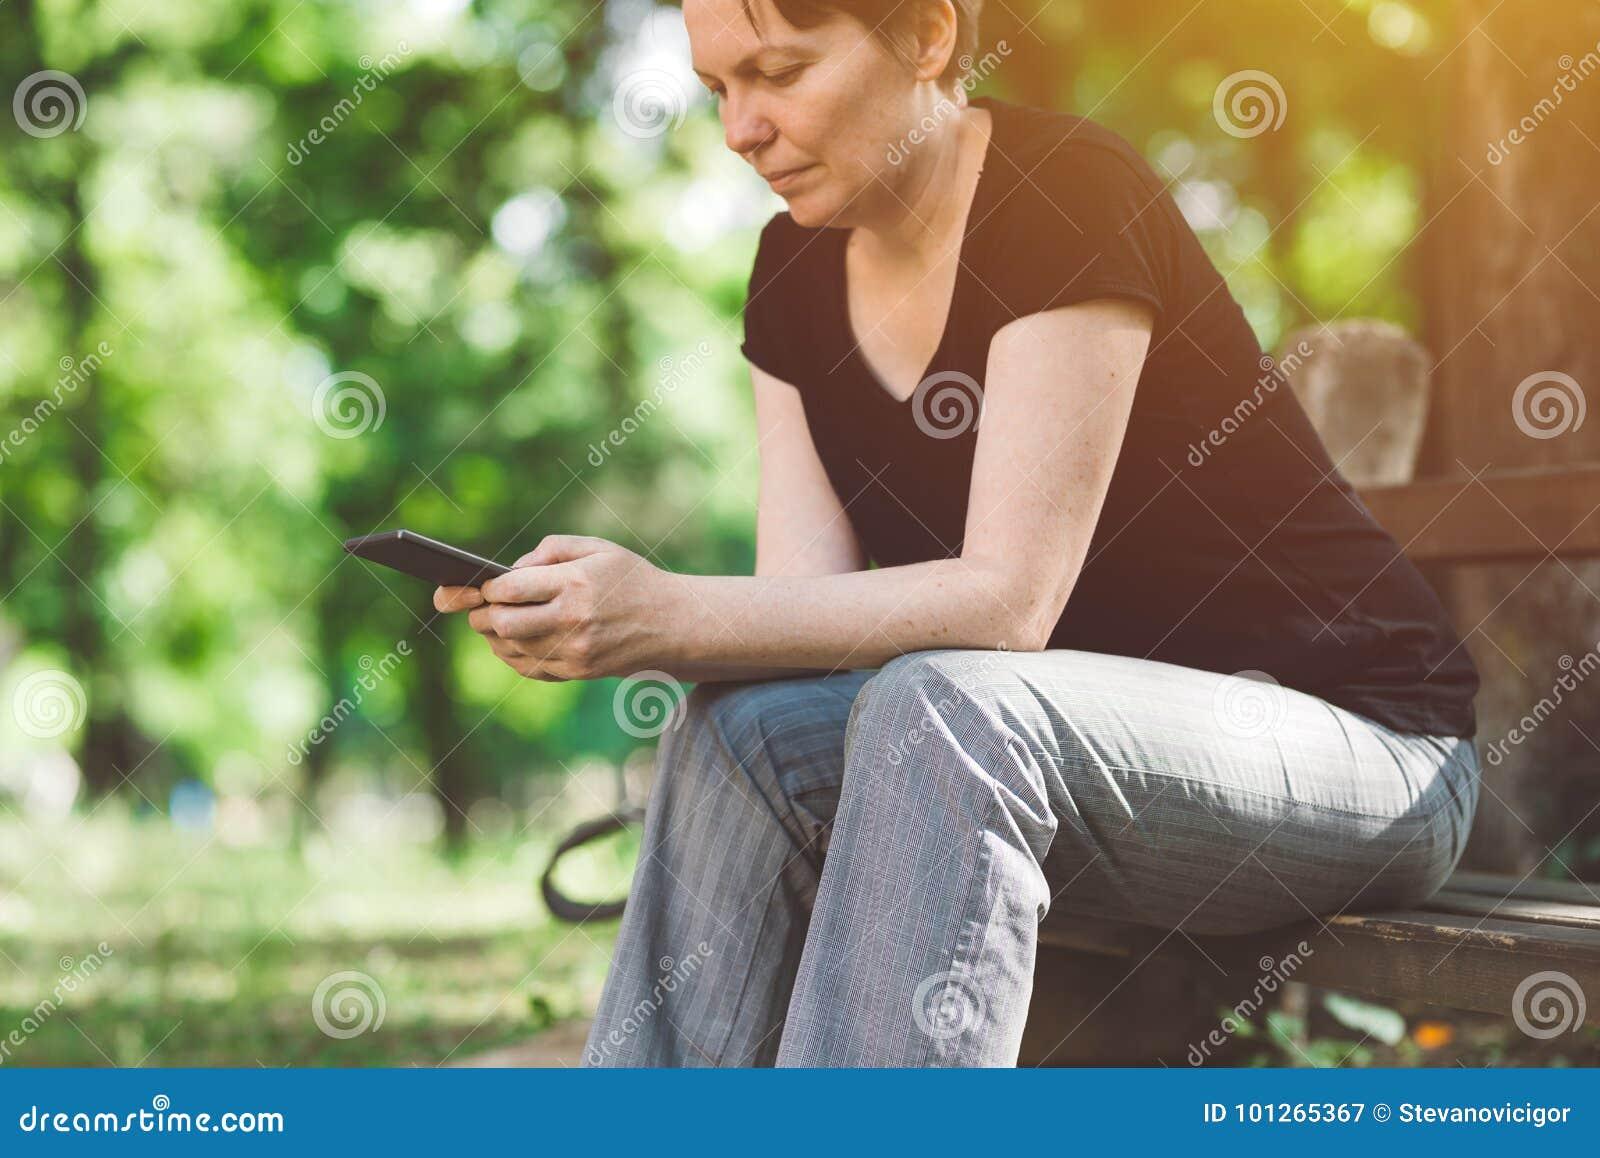 使用智能手机的社会网络上瘾者户外